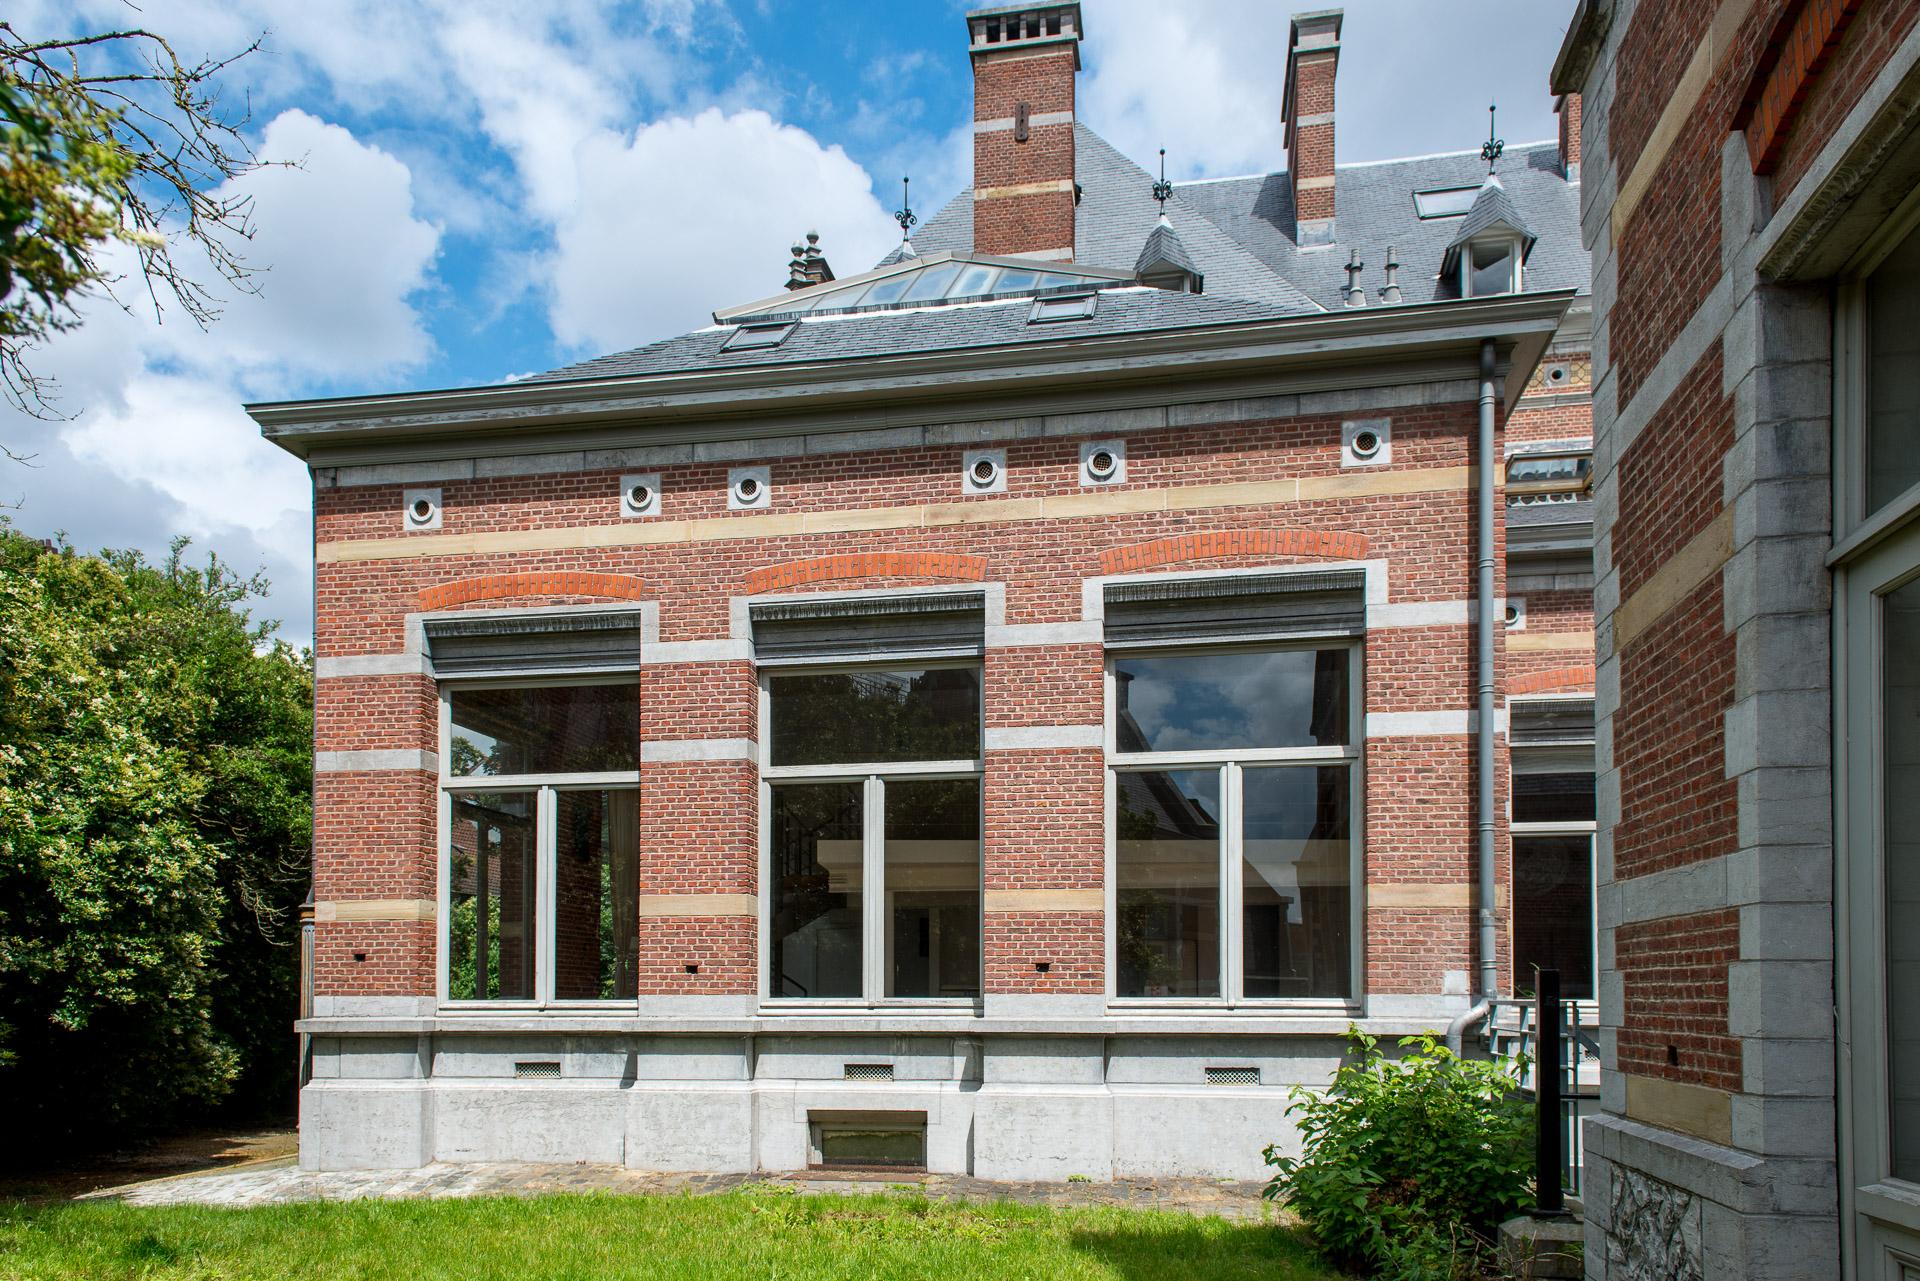 Le loft vendu gestion de patrimoine immobilier for Le loft immobilier